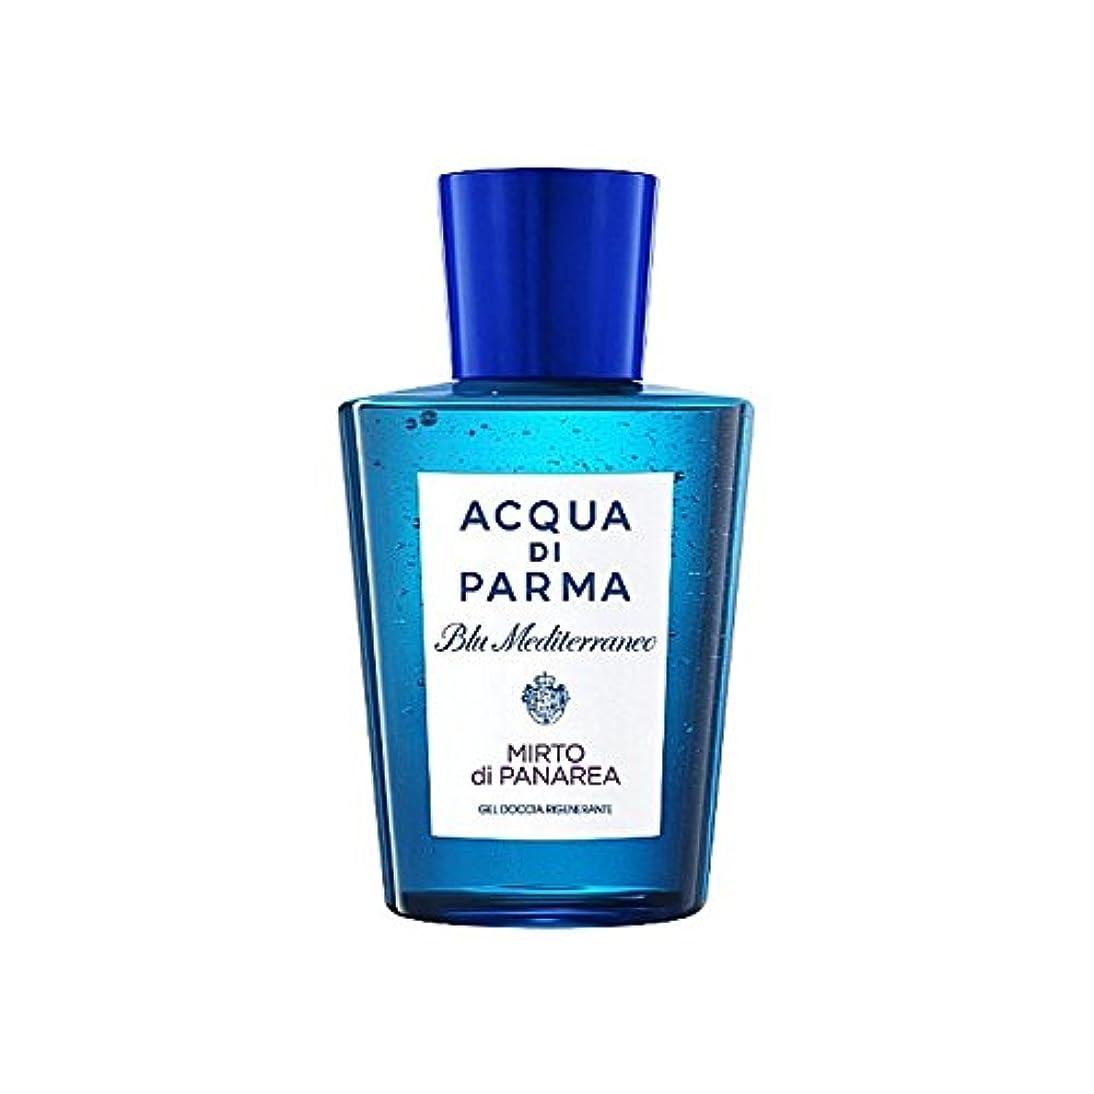 チェスつかまえる銀行Acqua Di Parma Blu Mediterraneo Mirto Di Panarea Shower Gel 200ml - アクアディパルマブルーメディミルトディパナレアシャワージェル200 [並行輸入品]